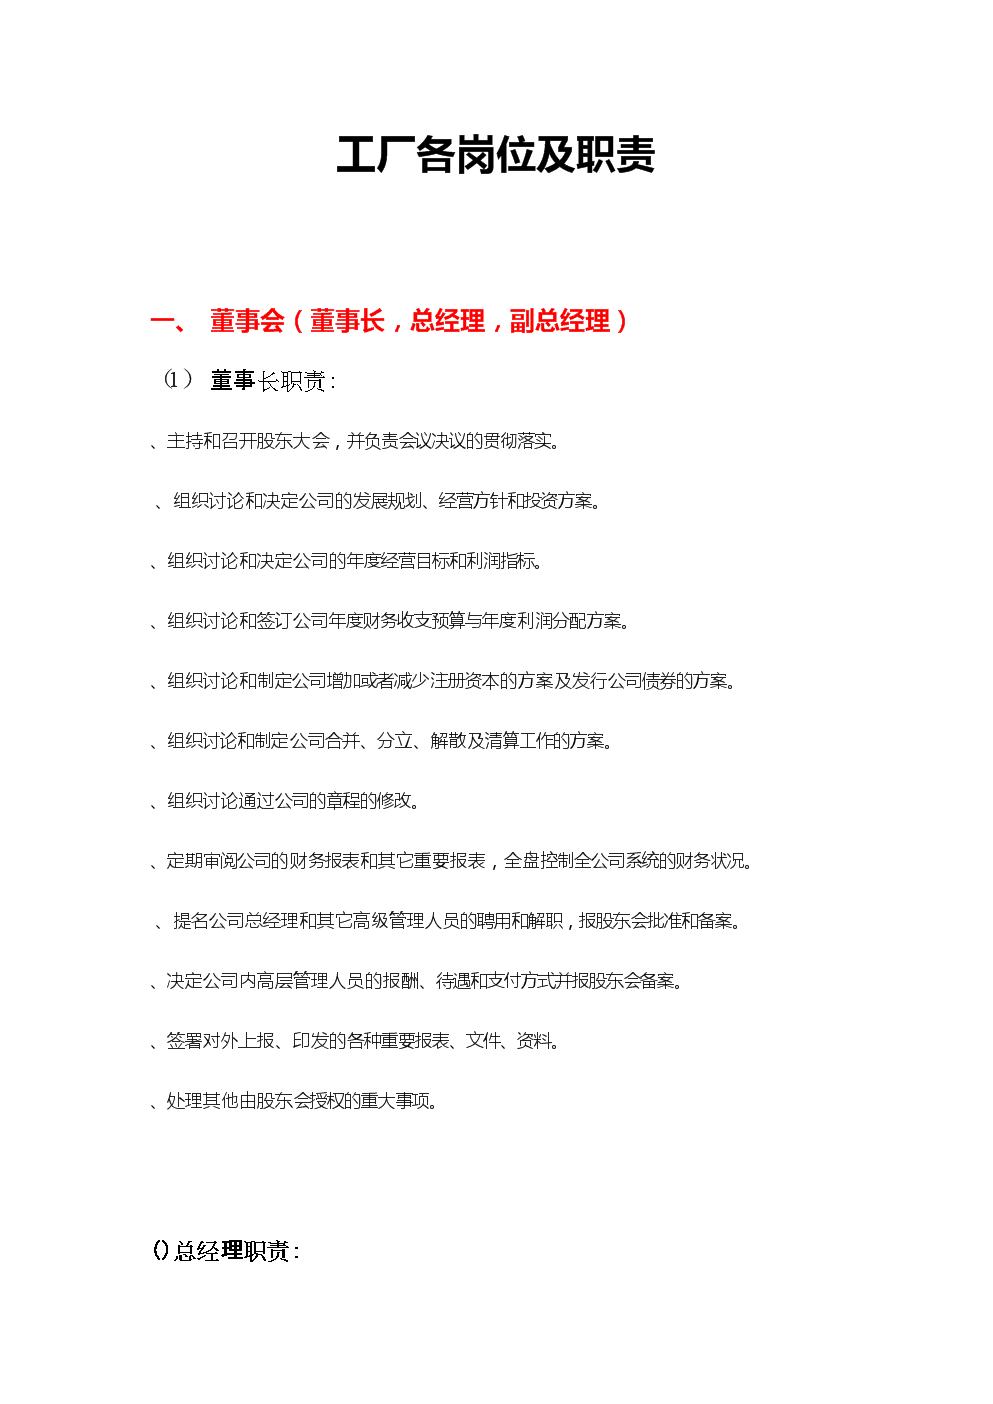 工厂各岗位及职责五.doc